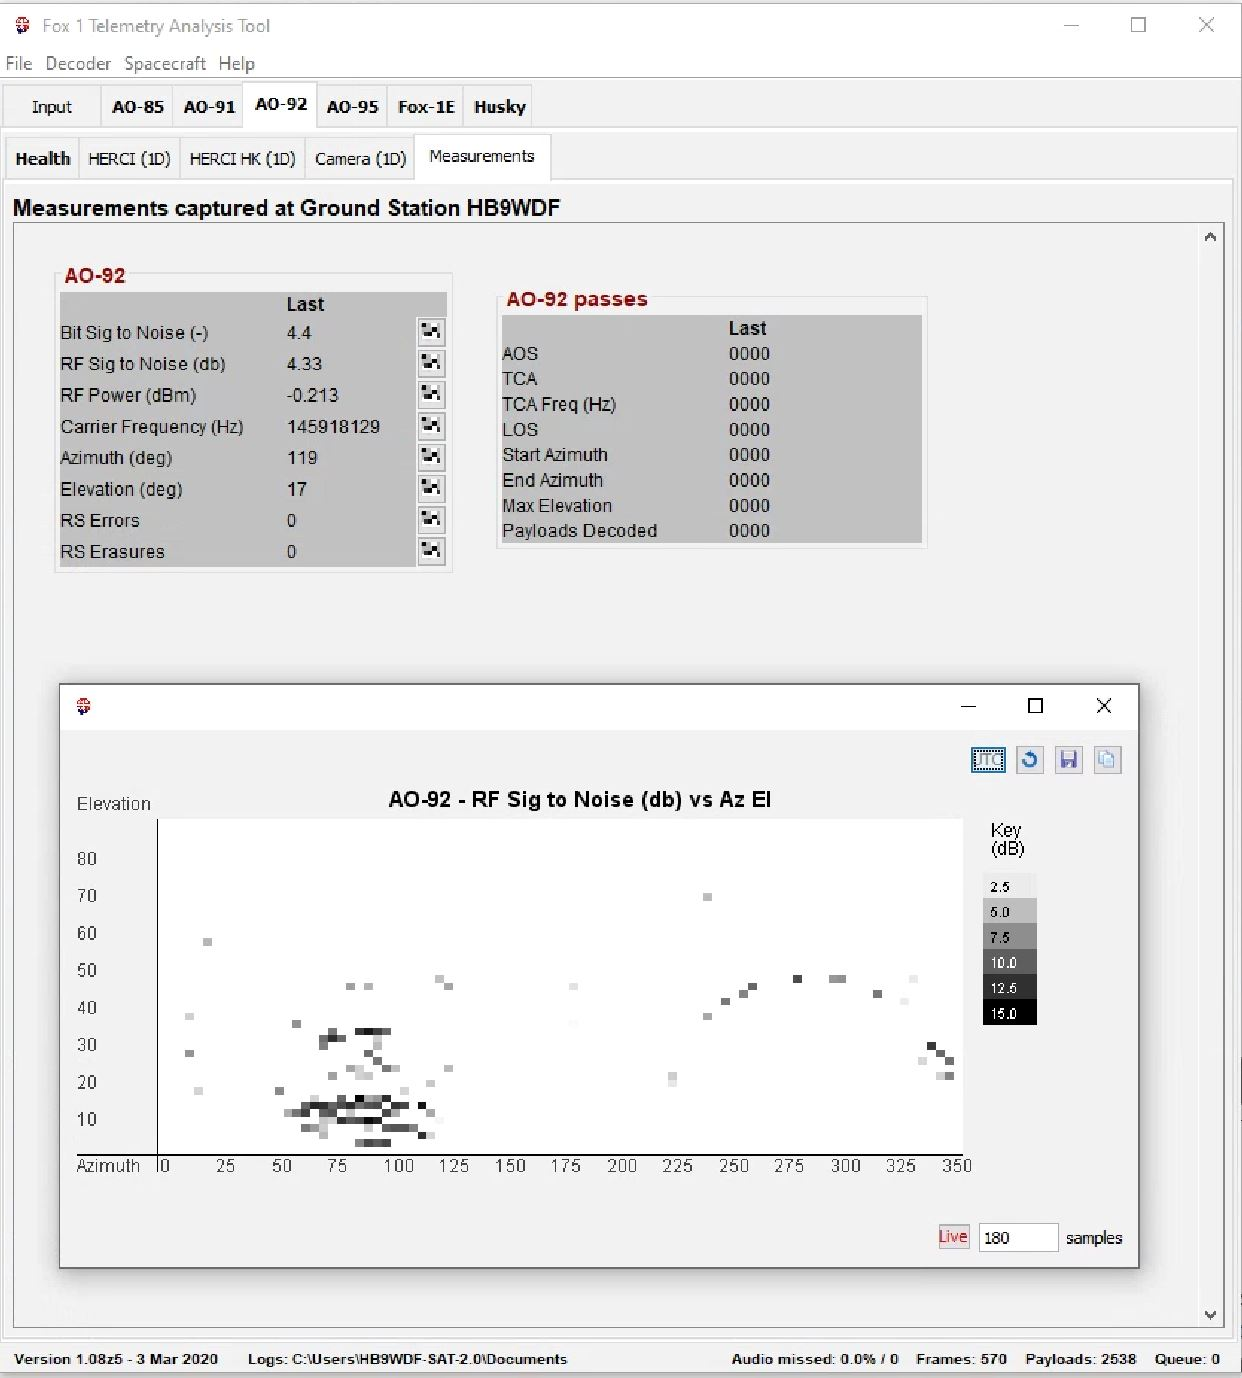 Graphishe Darstellung Signal Rauschabstand im Verhältnis zum Azimuth/Elevation